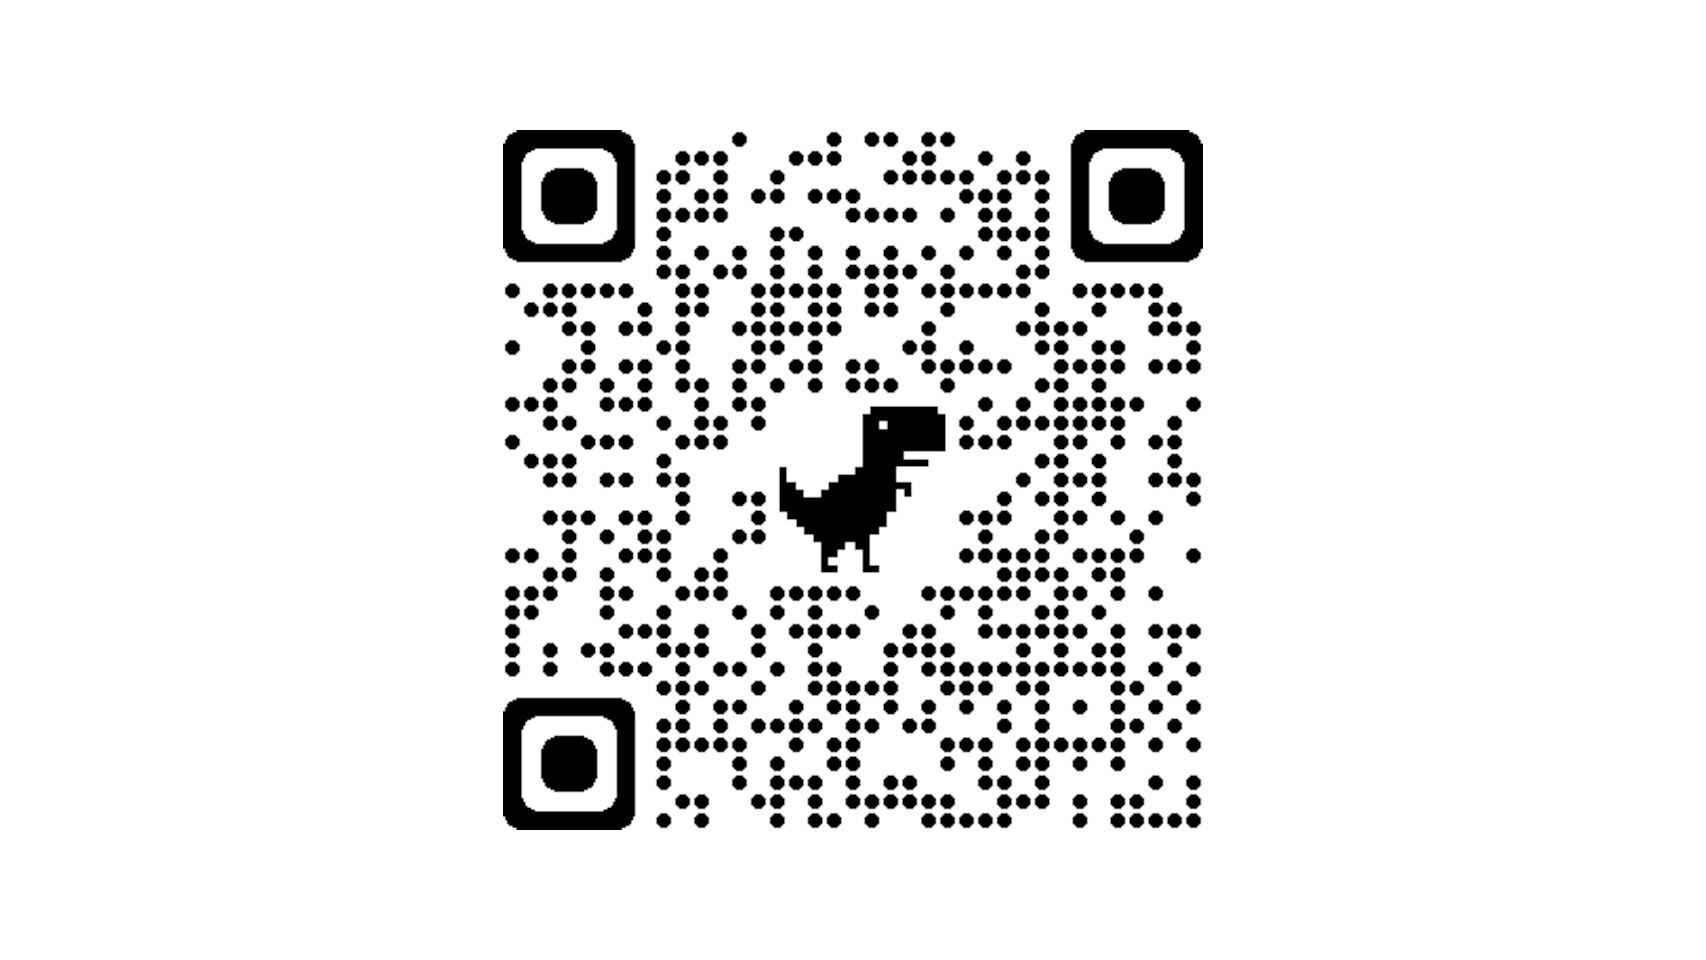 Código QR con el dinosaurio de Chrome generado con el navegador